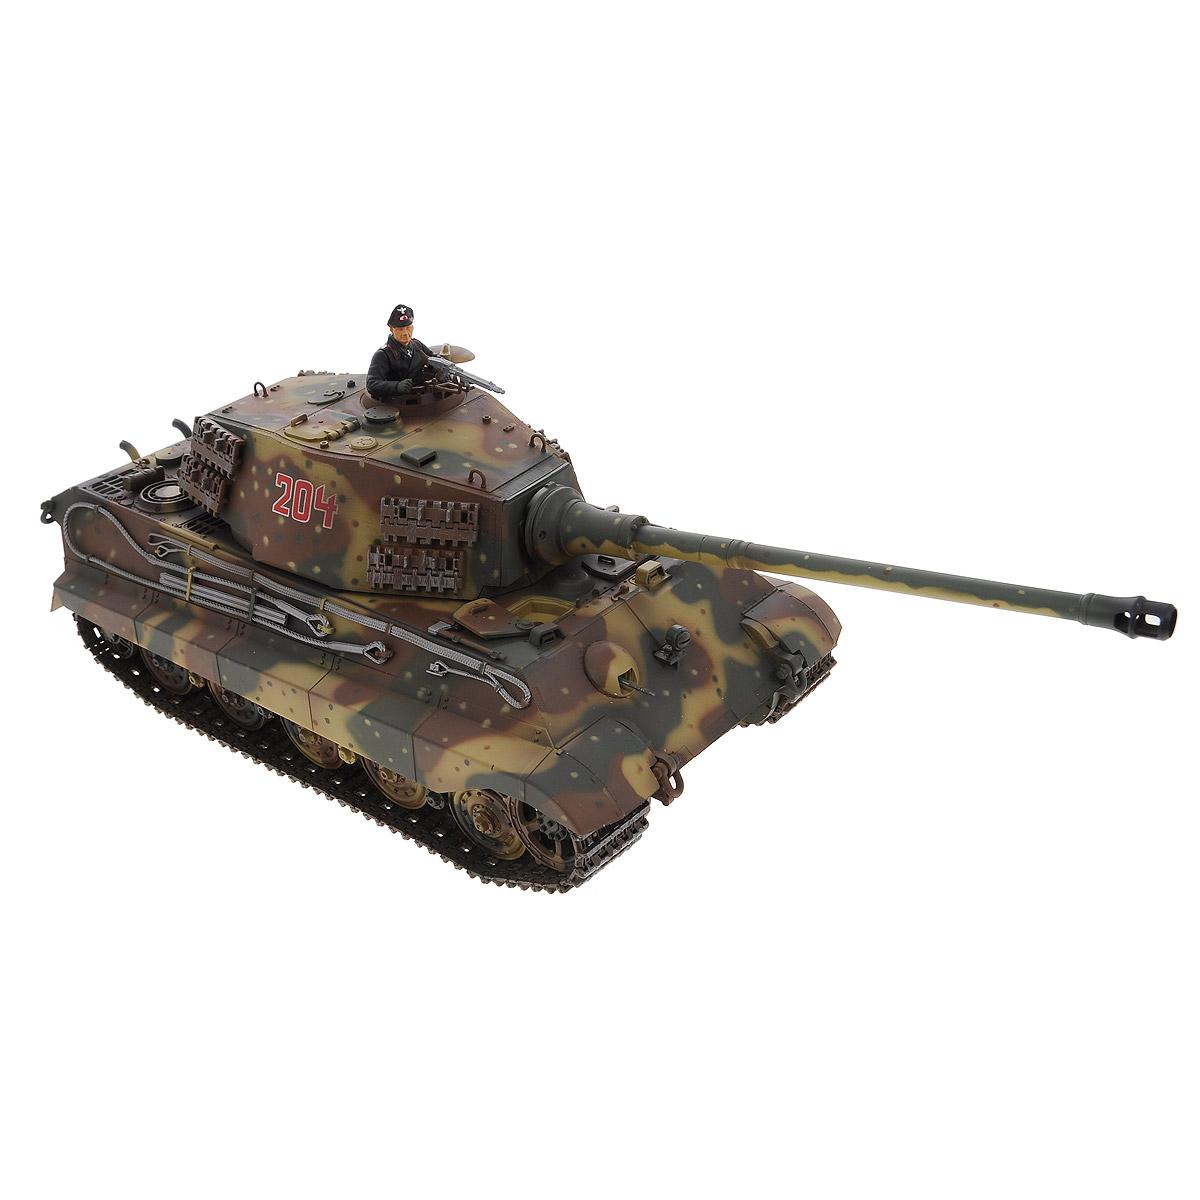 """Радиоуправляемый танк VSP """"German King Tiger"""" - это высокотехнологичная коллекционная модель в масштабе 1/24. Она представляет собой уменьшенную копию немецкого тяжелого танка времен Второй мировой войны, известного как """"Тигр II"""". Эта модель танка производилась в 1944 году и была мощнейшей серийной боевой машиной благодаря 88-мм пушке и надежной защите от противотанковых средств. Пульт управления работает на частоте 2,4 ГГц и оснащен светодиодной подсветкой голубого цвета. Система Airsoft обеспечивает постоянное движение танка и стрельбу из пневматической пушки. Данная модель может стрелять мягкими (пневматическими) BB шариками, поэтому имеет возрастное ограничение от 14 лет. Благодаря работе на частоте 2,4 ГГц танк будет легко сопрягаться с пультом управления. Новые электронные схемы, примененные в этом пульте, позволяют принимать участие в игровых сражениях одновременно 16 танкам. Радиус управления заметно увеличился и составляет 40-50 метров на..."""